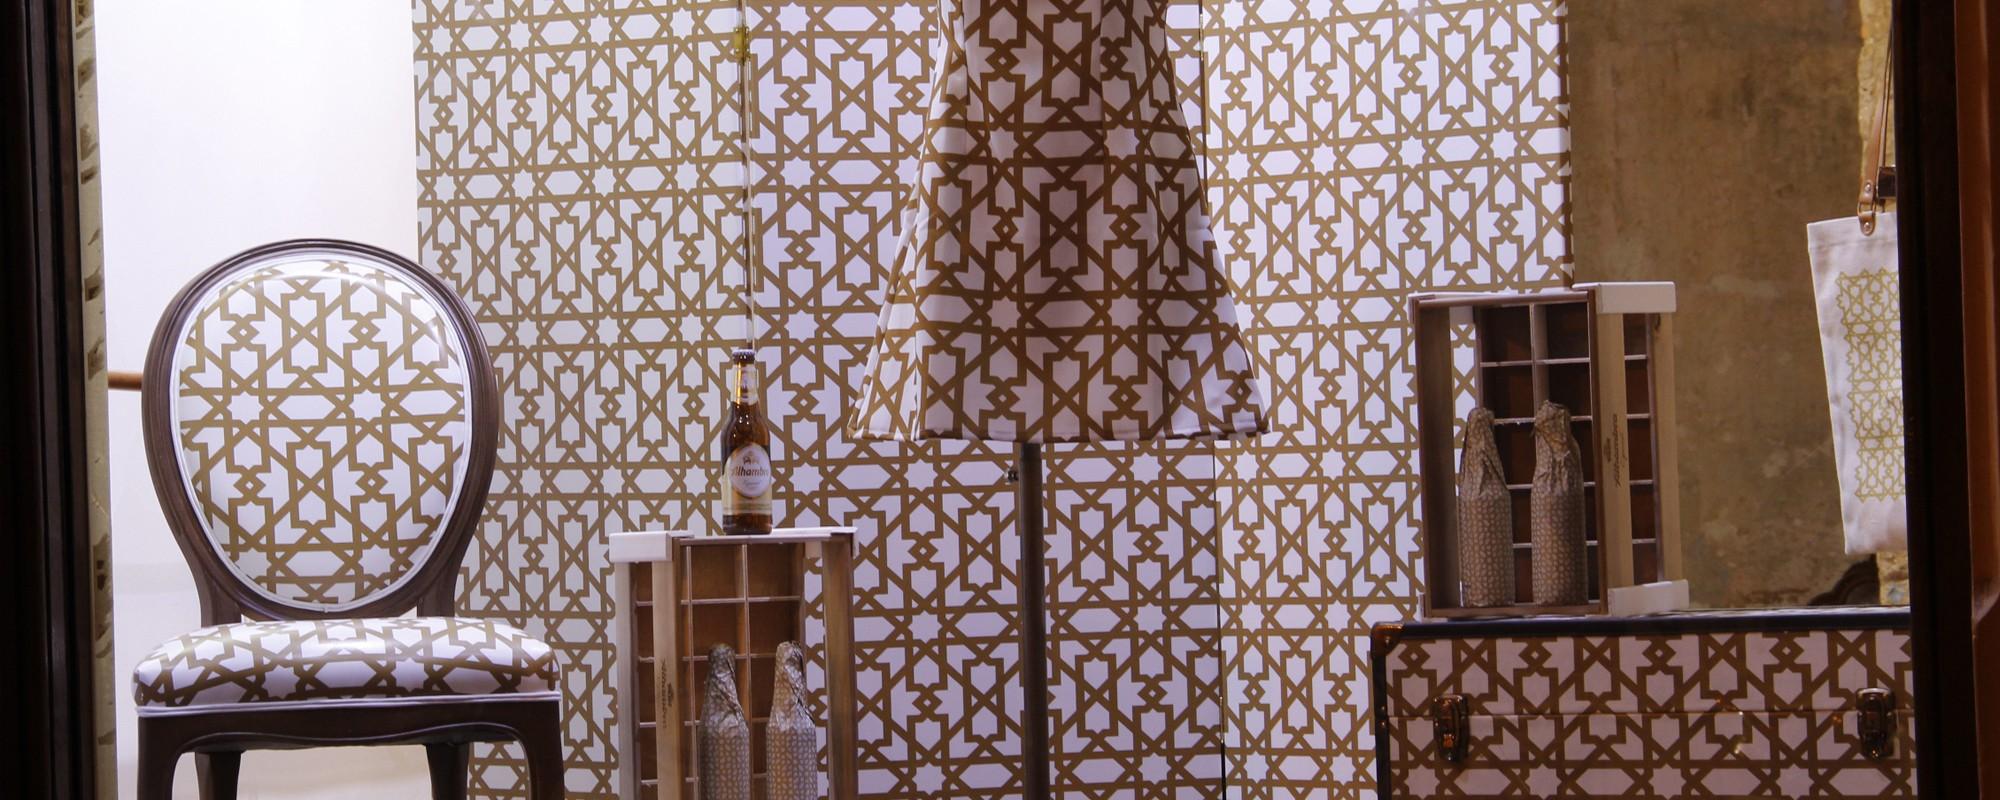 Evento Personalizado Alhambra